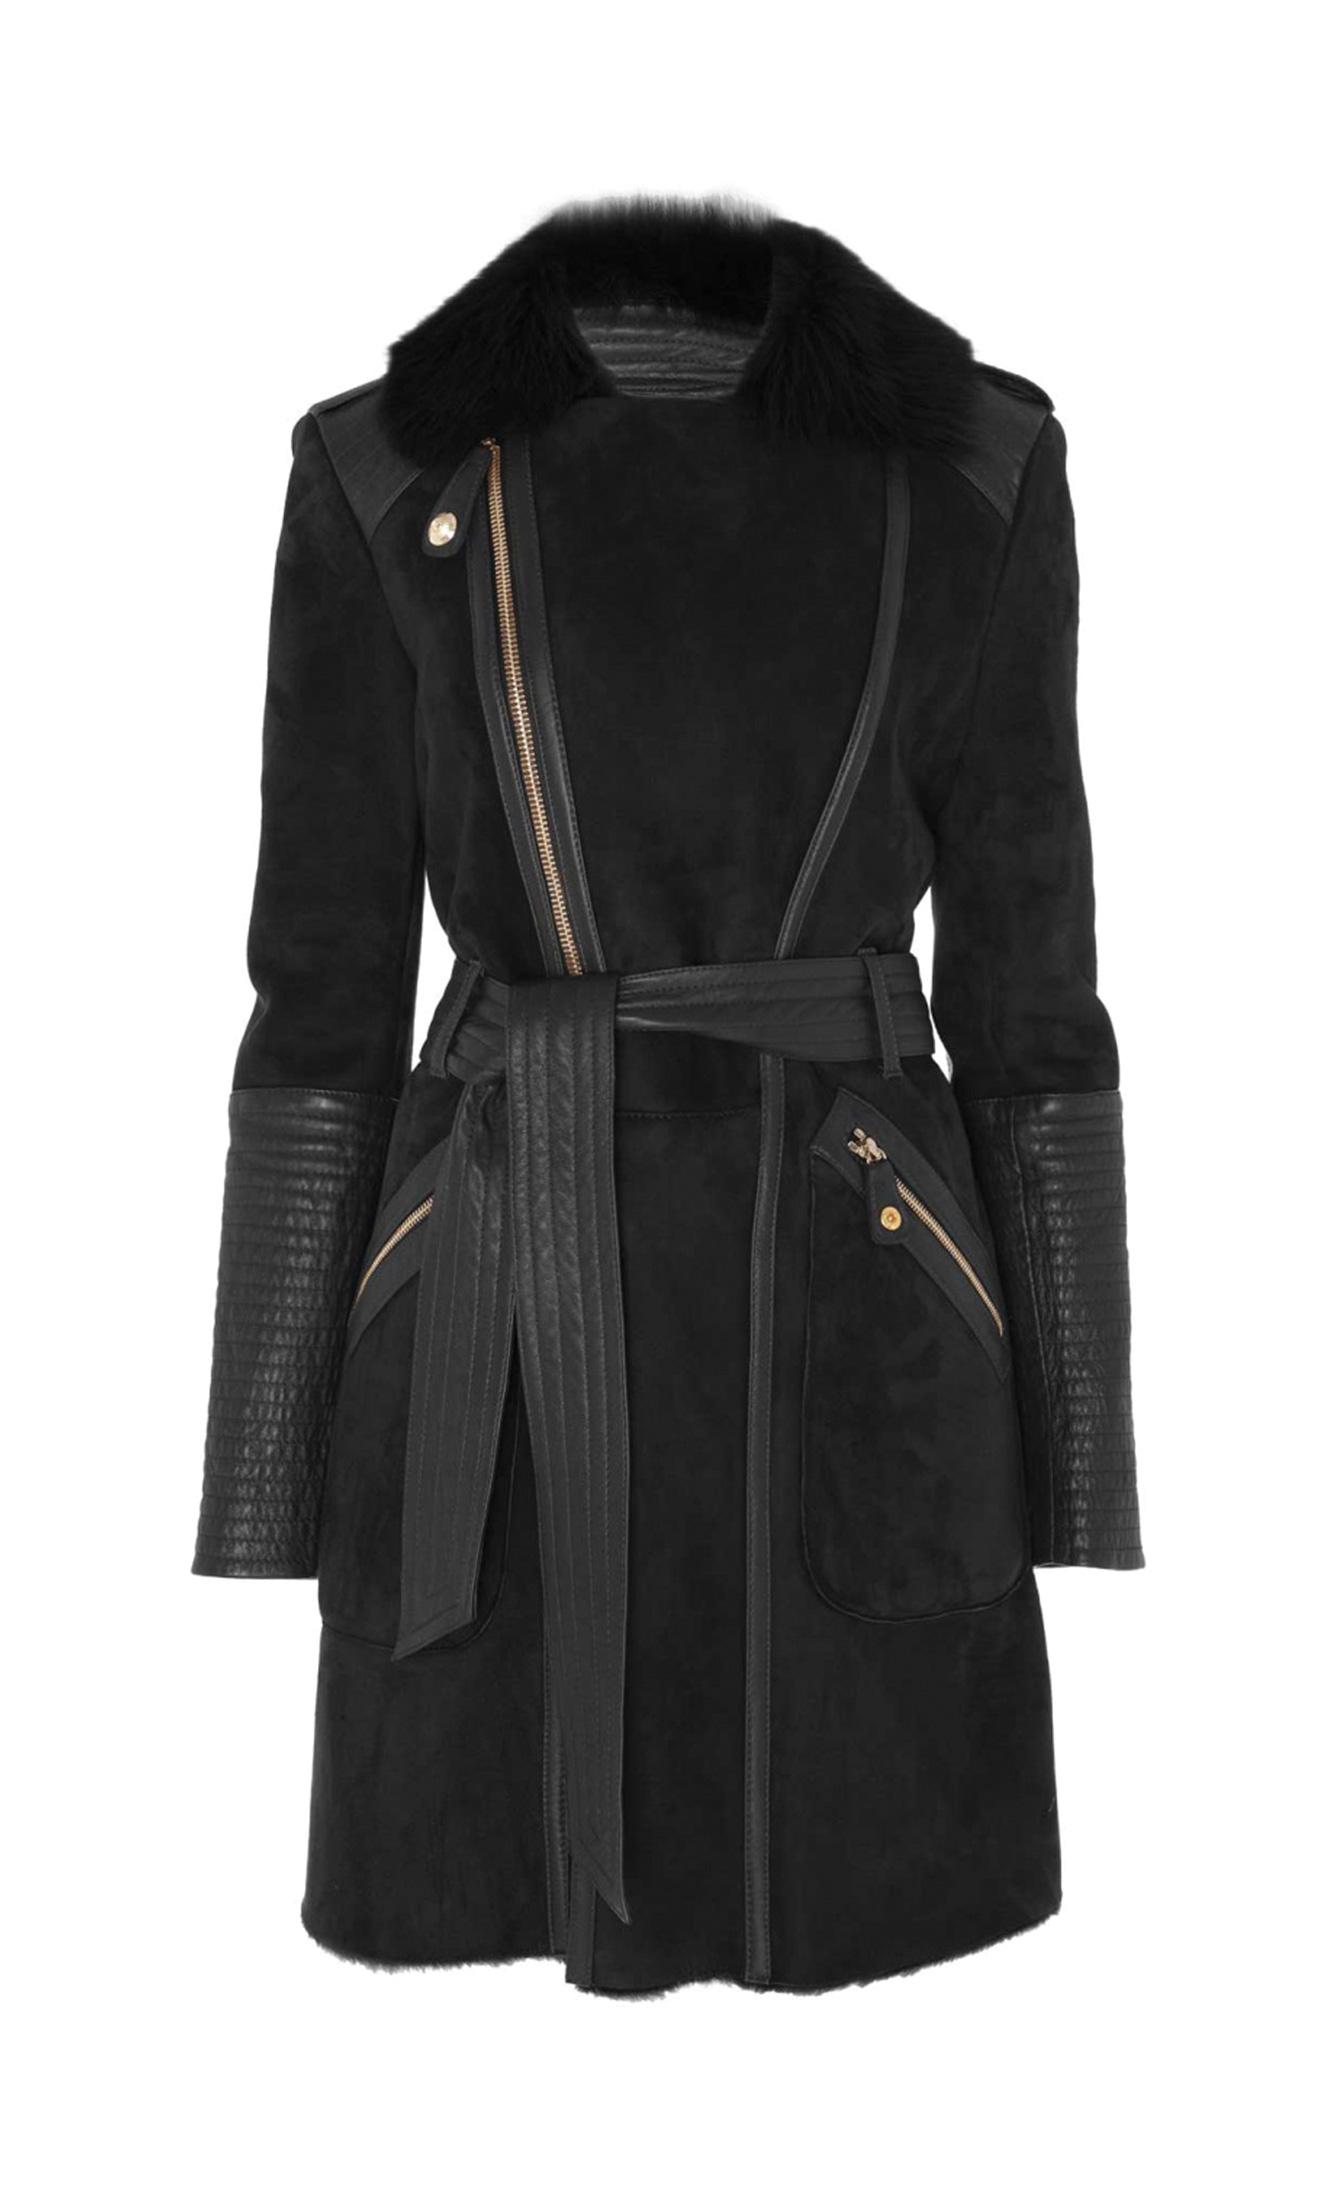 Temperley london Classic Odele Sheepskin Coat in Black | Lyst